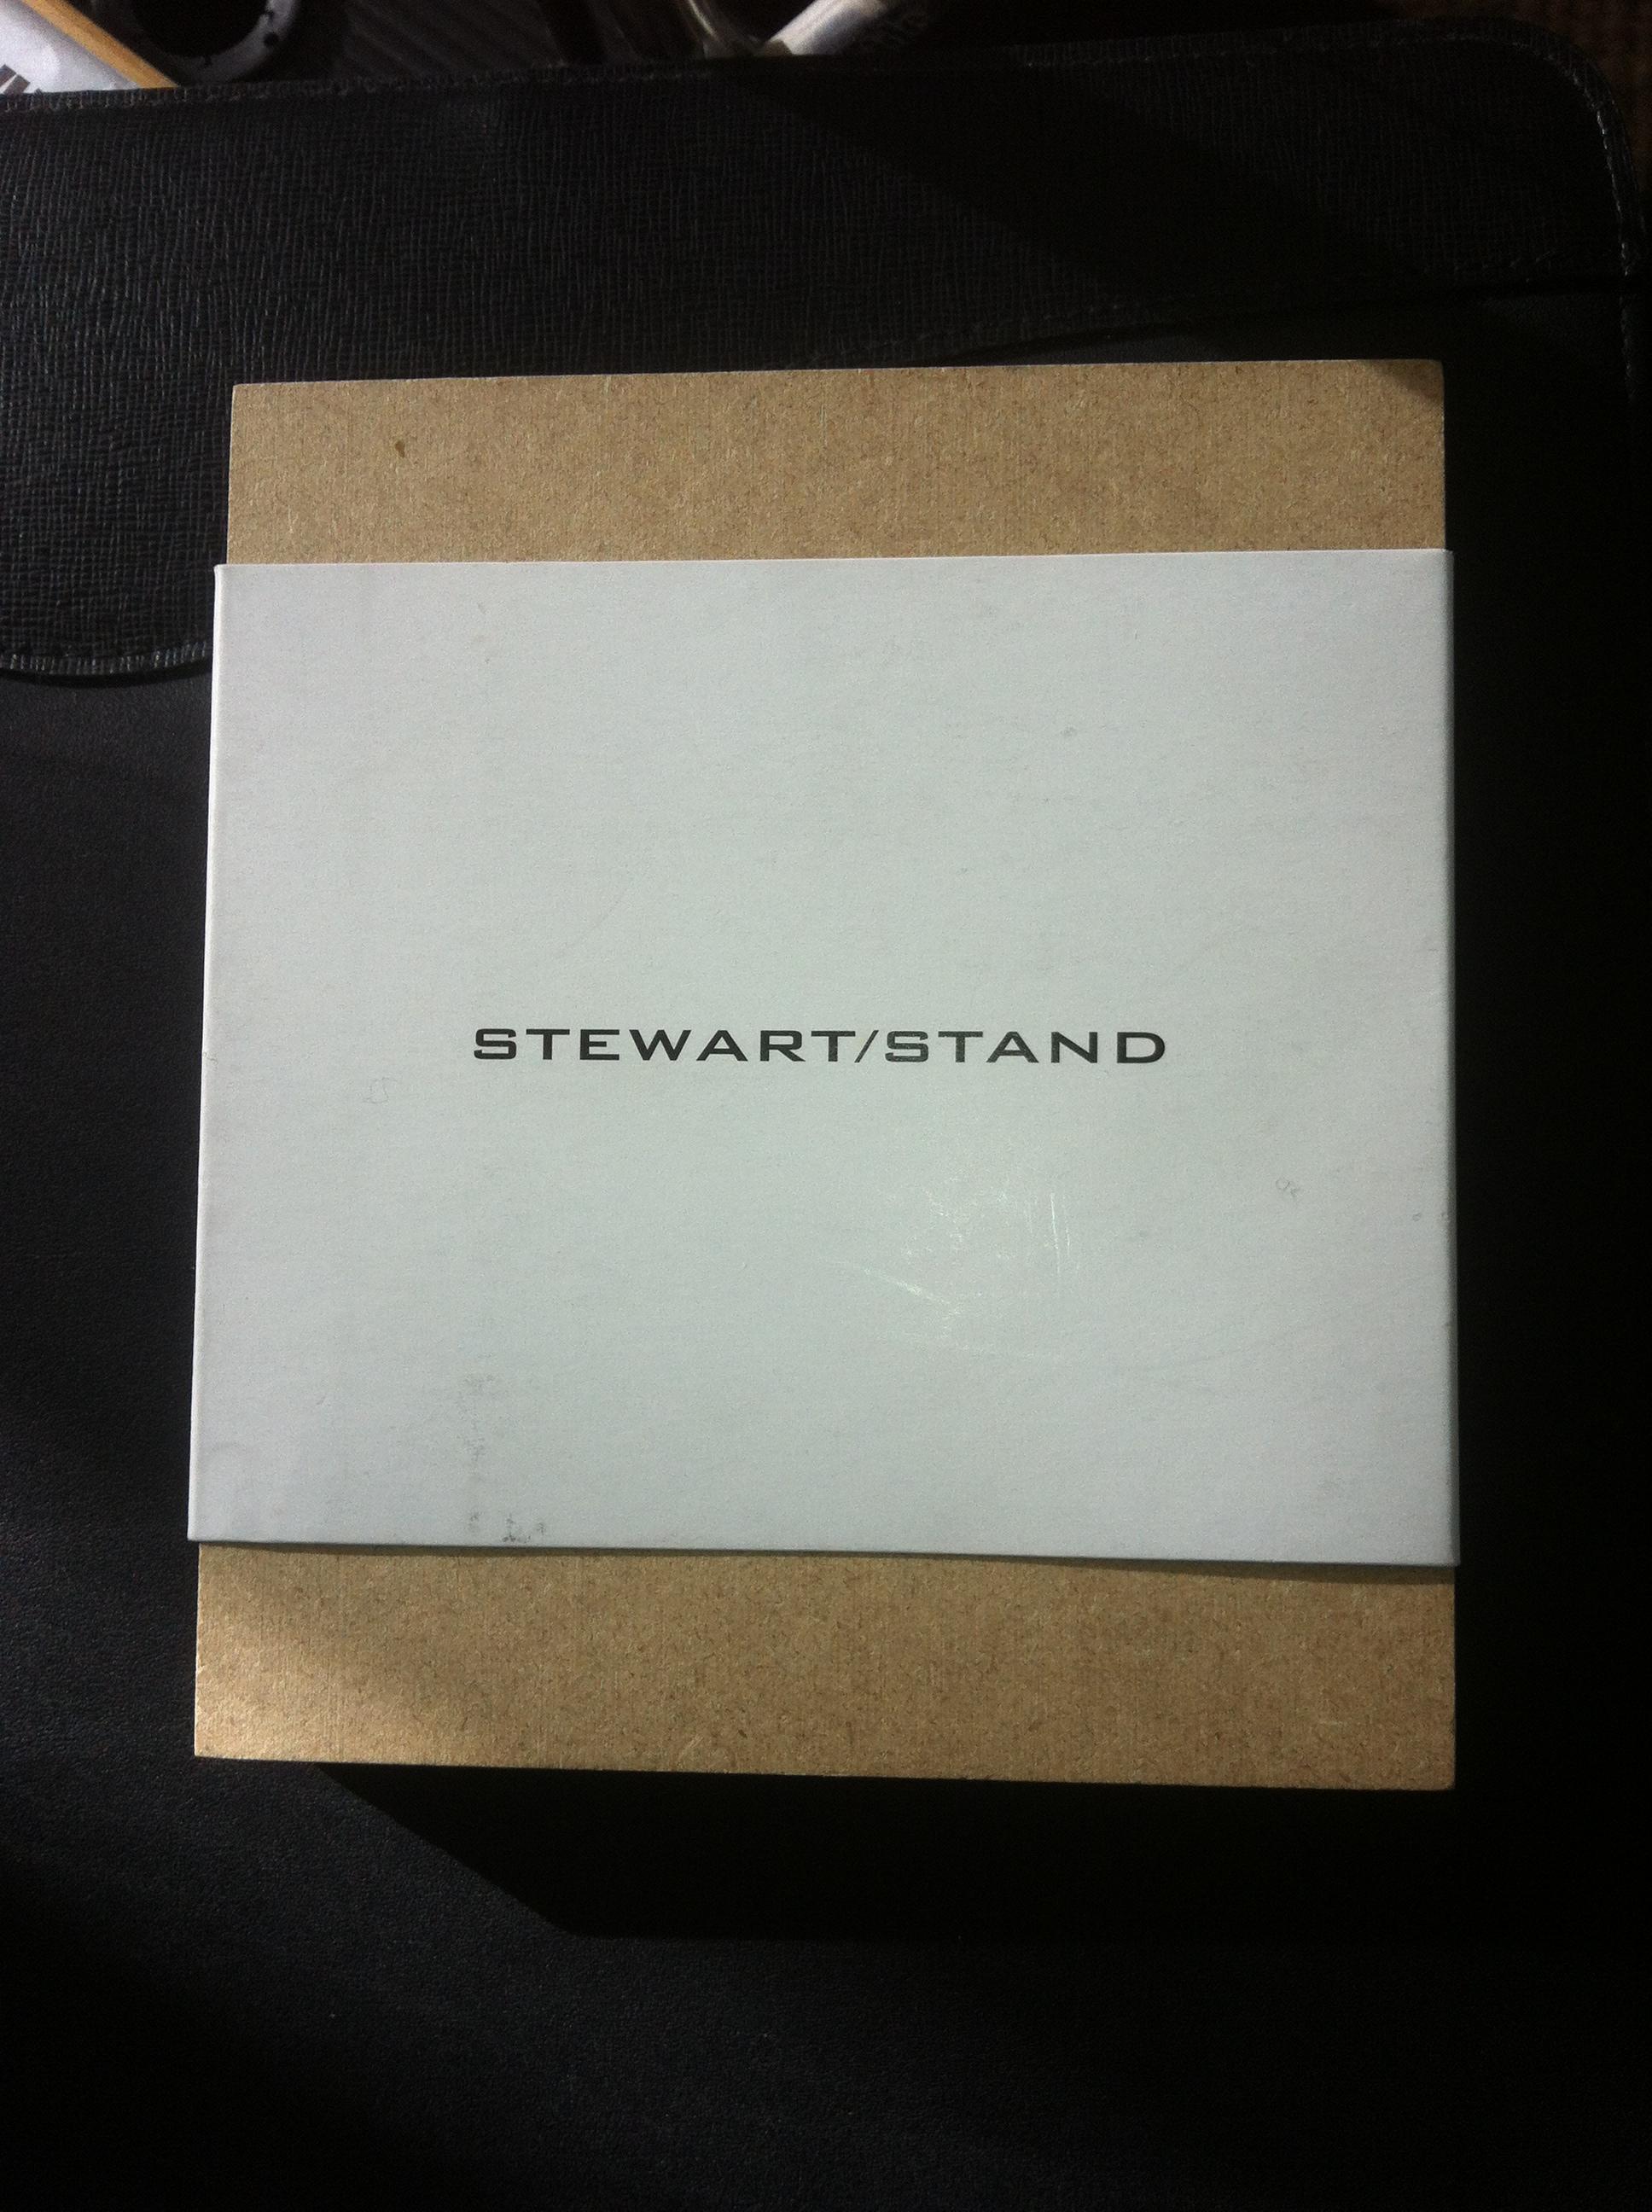 STEWART/STAND